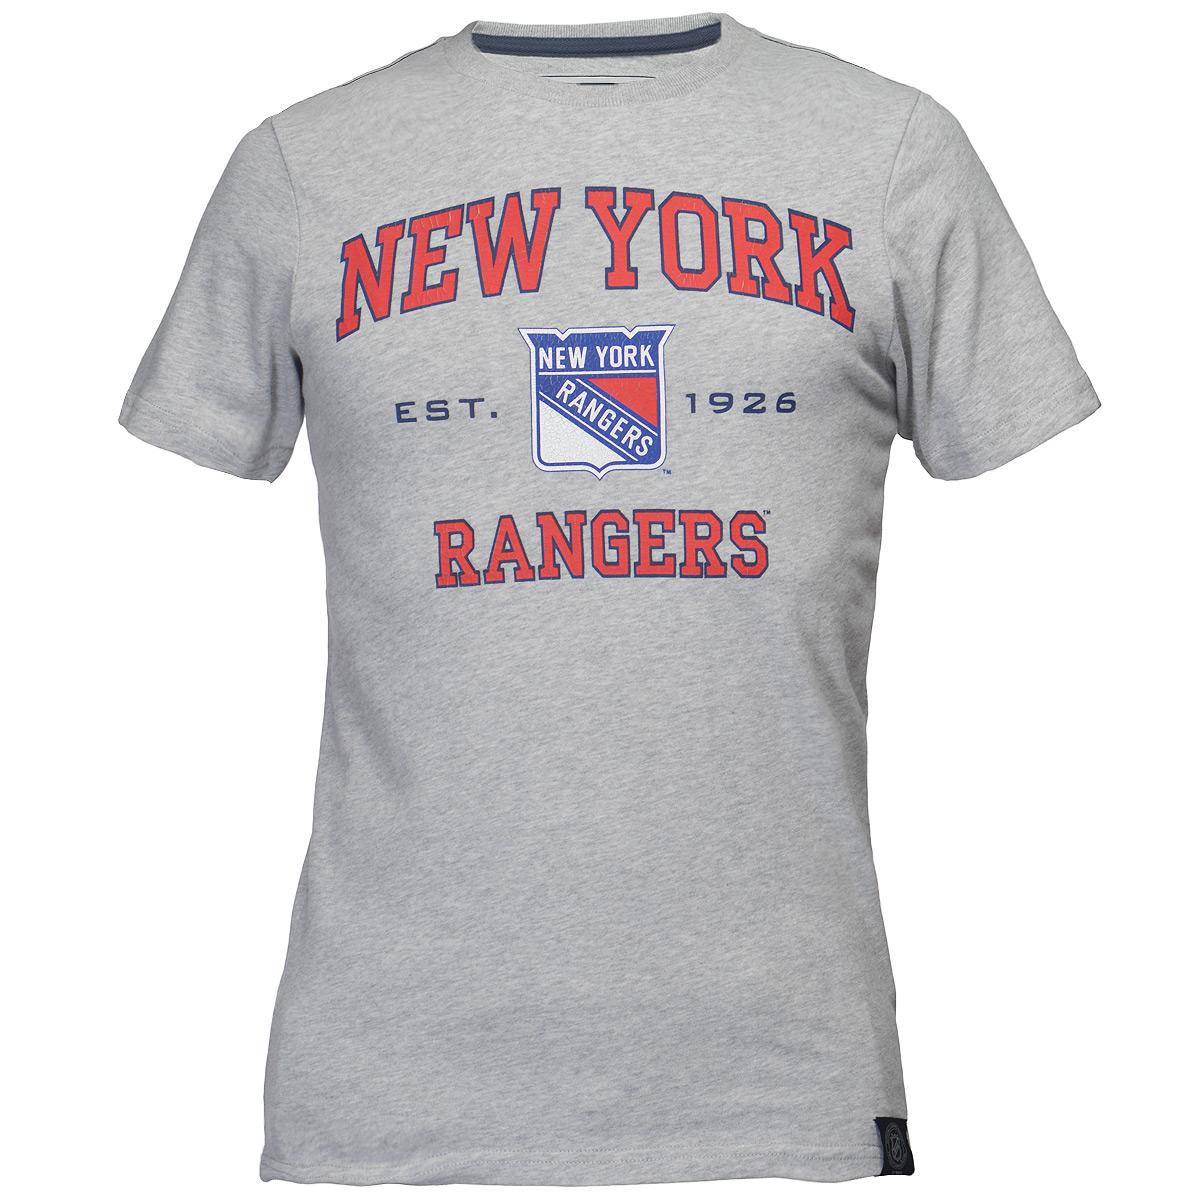 �������� New York Rangers. 29280 - NHL29210���������� �������� NHL New York Rangers, ����������� �� ������������������� ������, �������� ������� �����������������, ��������������������� � �����������������, ��������� ���� ������. ������ � ��������� �������� � ������� ������� ��������� ��������� ��������� �������� ���������� ����� New York Rangers. ������������ ������, ���������� ������, ��������������� ��������. � ����� �������� �� ������ ����������� ���� �������� � ���������.